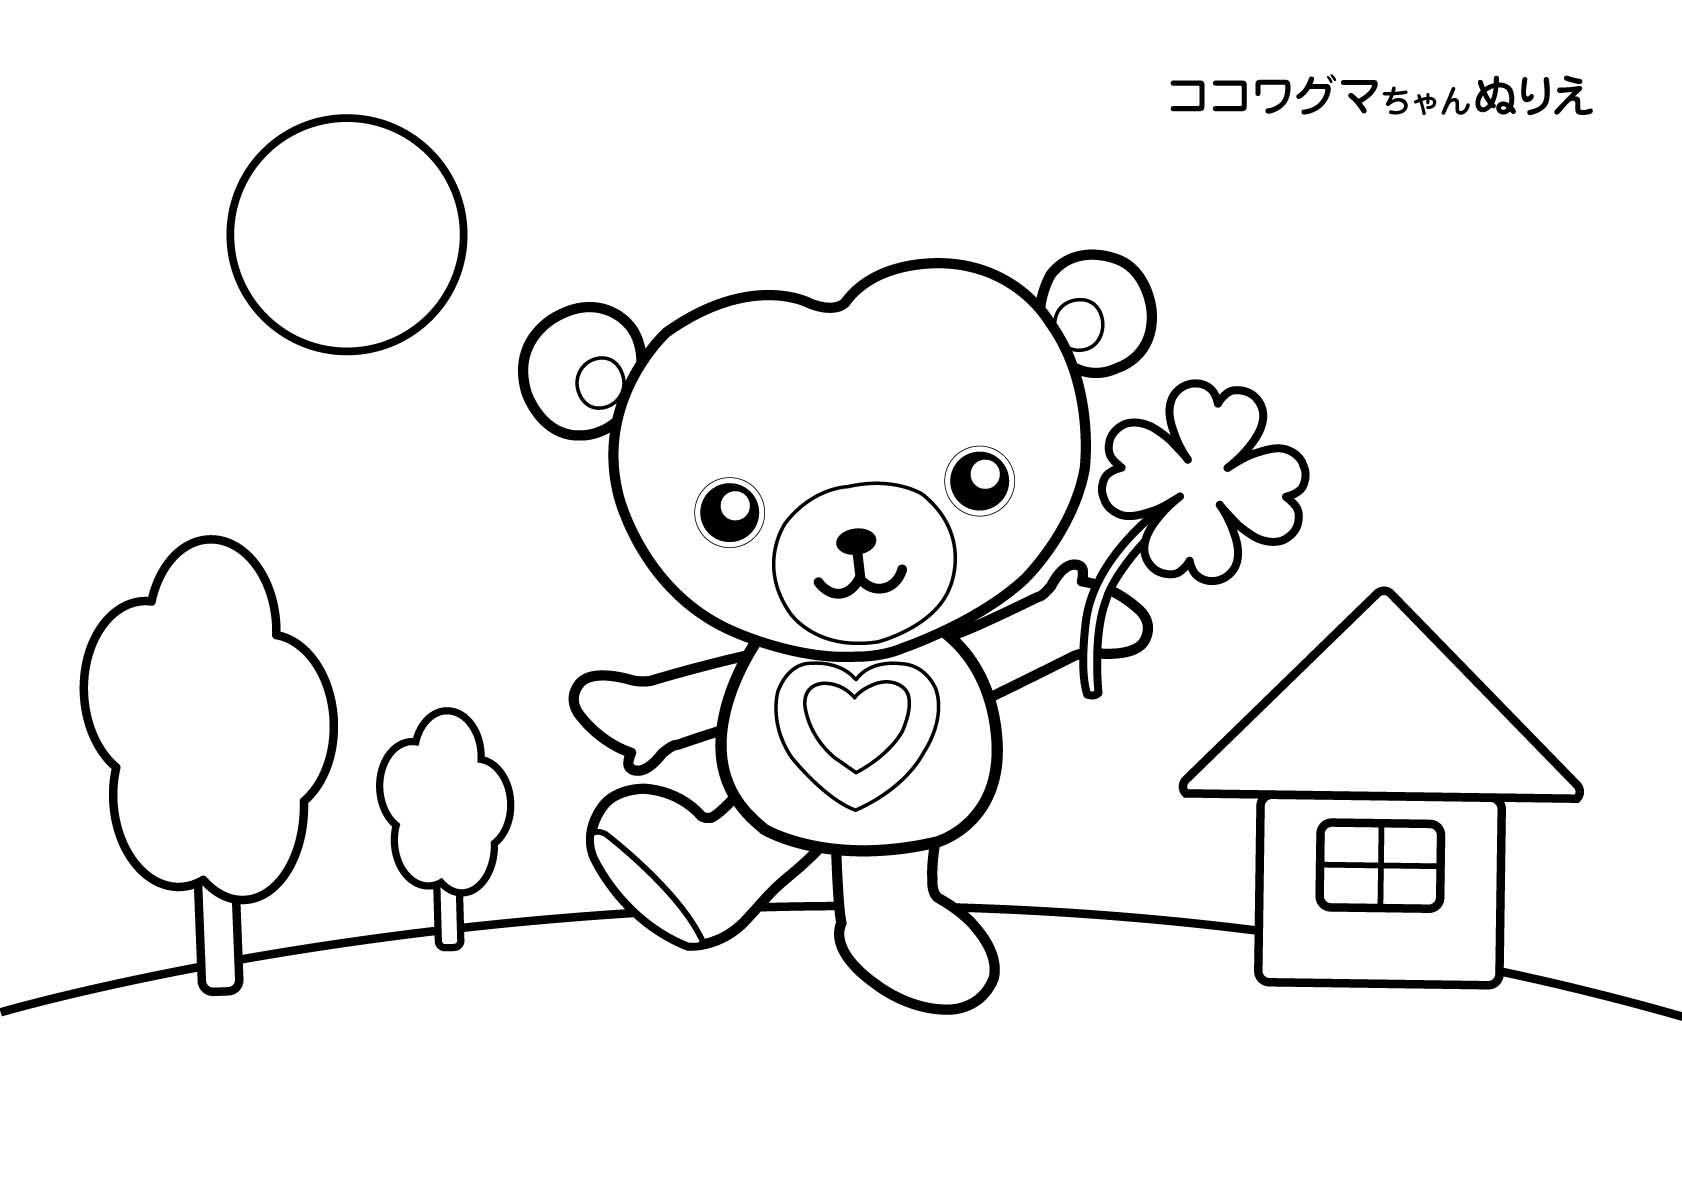 ココちゃんぬりえ 2 ココワグマの日記 楽天ブログ